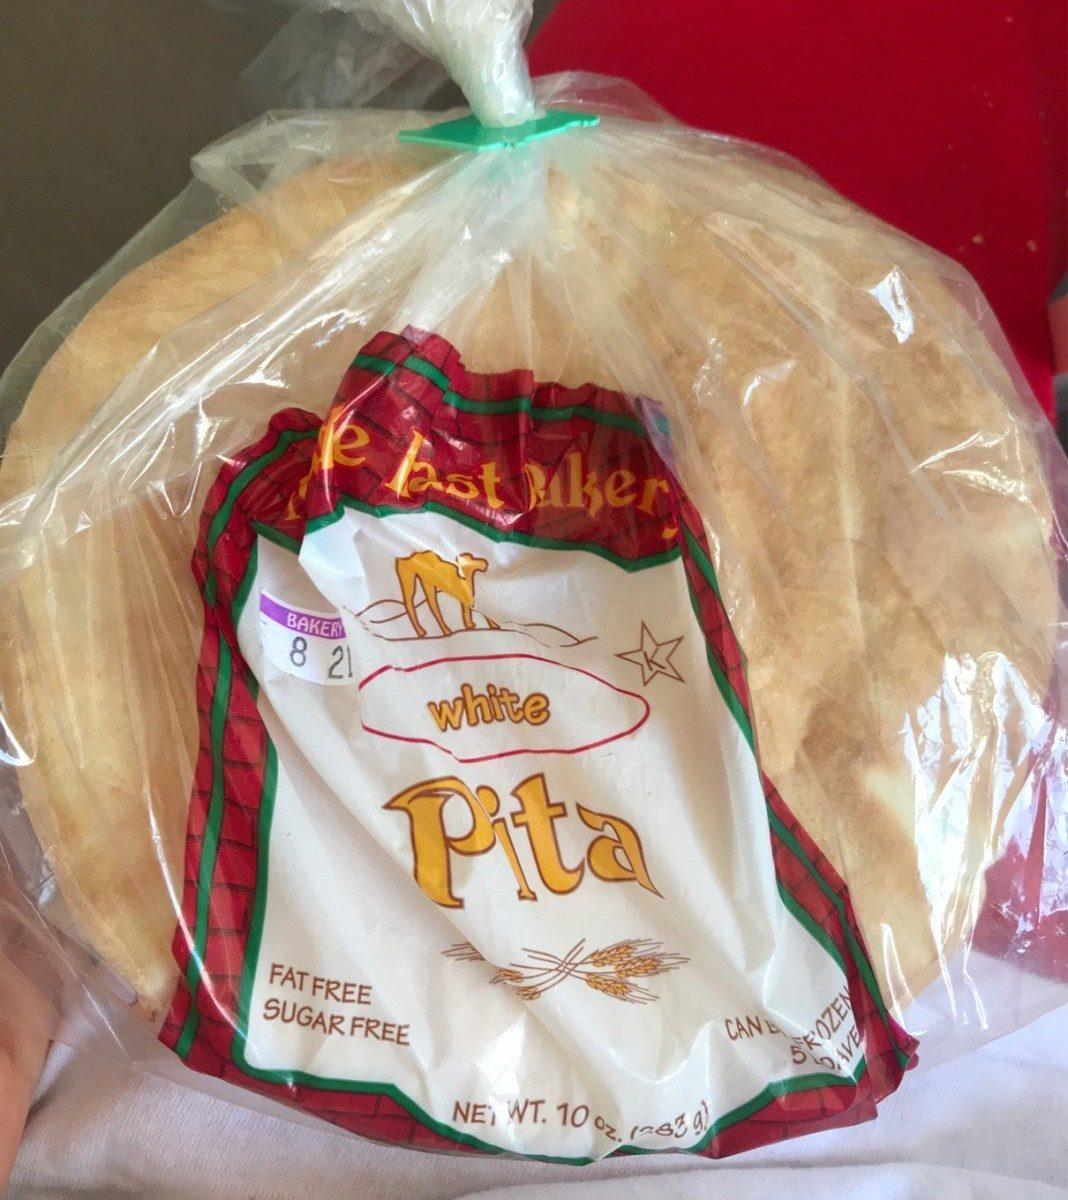 White pita - Produit - fr